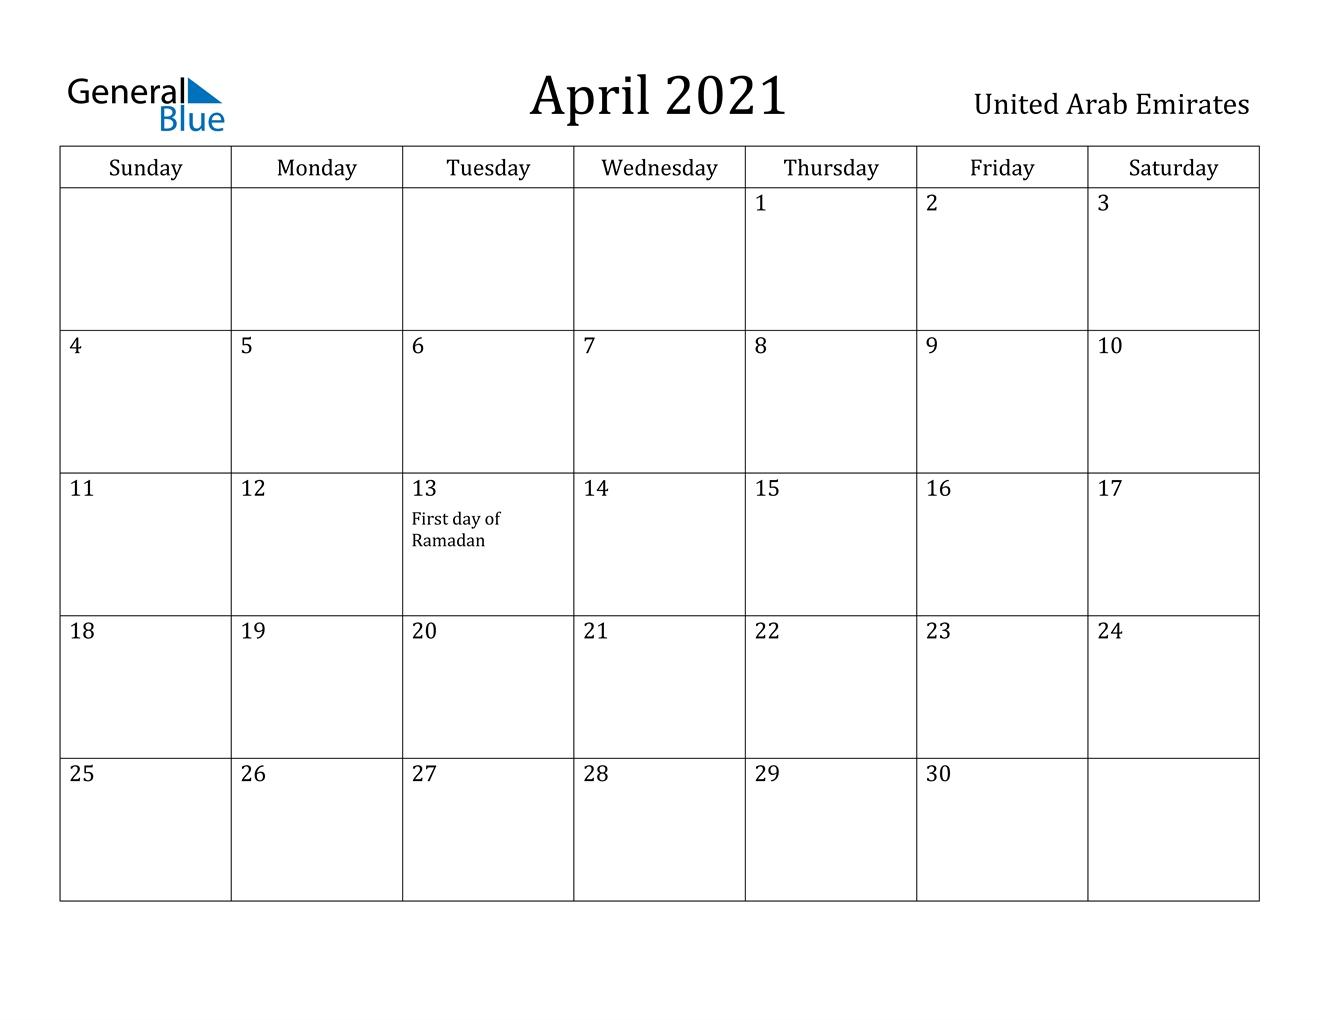 April 2021 Calendar - United Arab Emirates